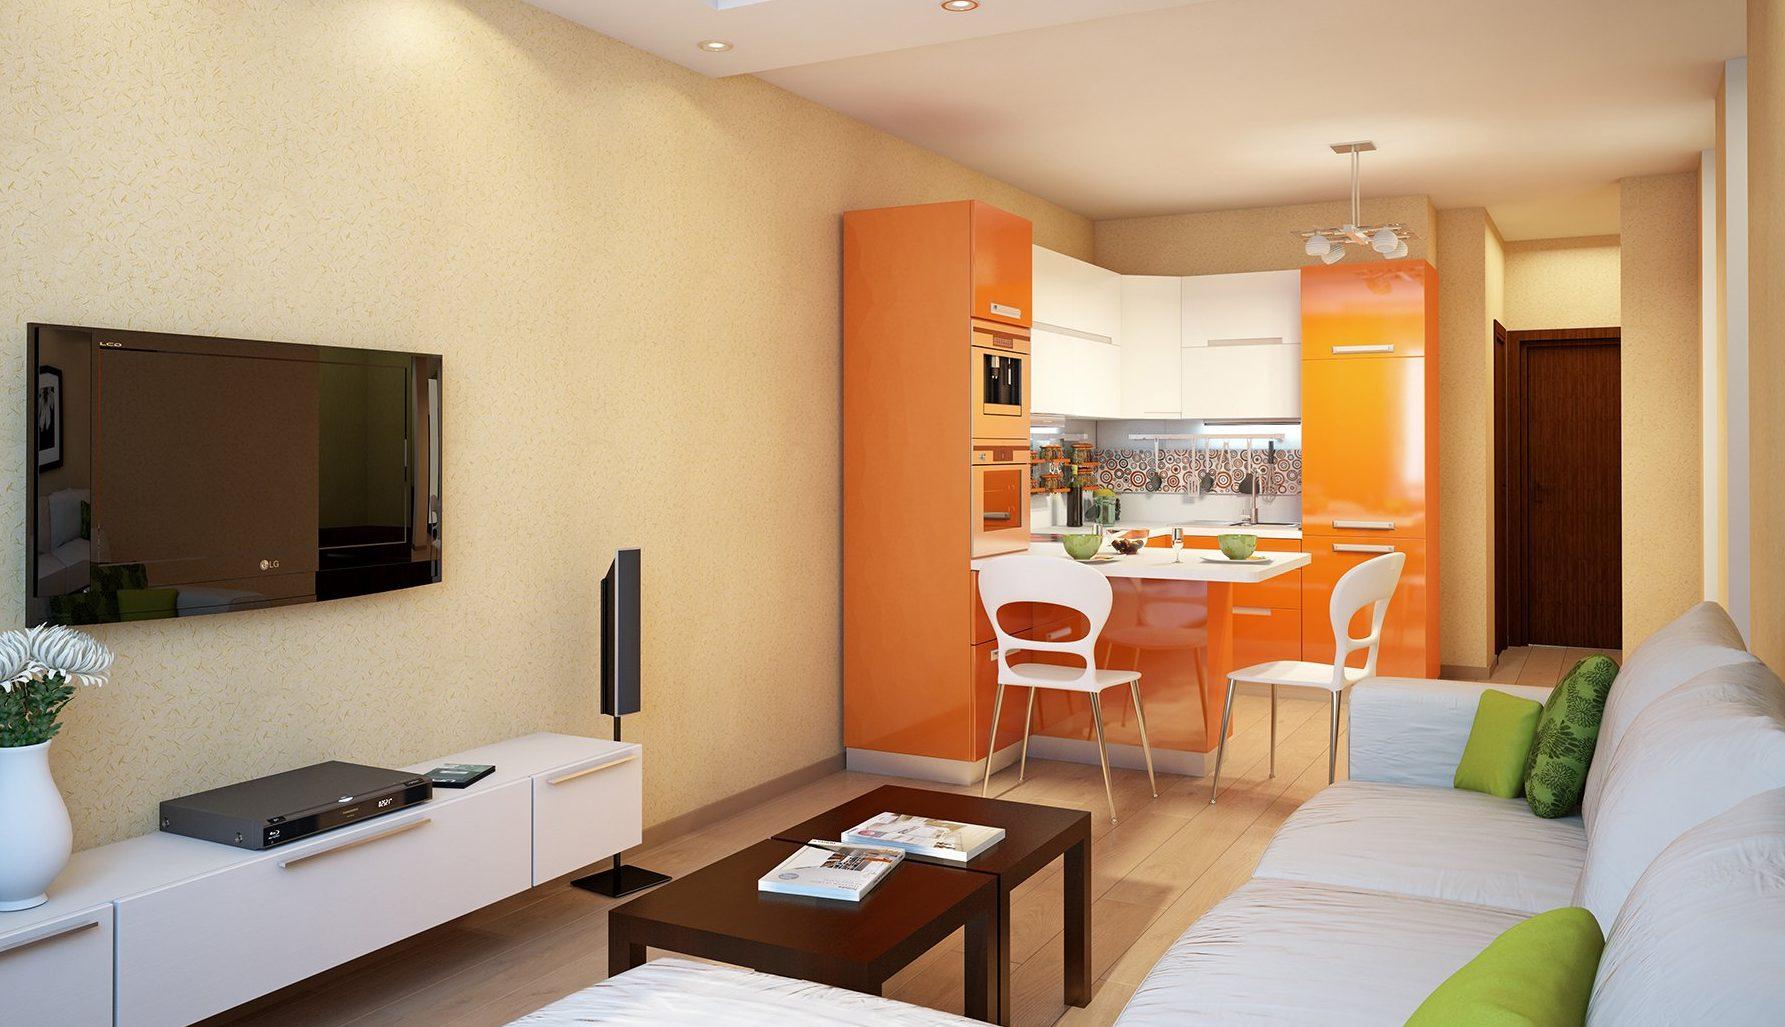 В 2020 что лучше - студия или однокомнатная квартира? | как заработать на квартиру и на квартире | яндекс дзен